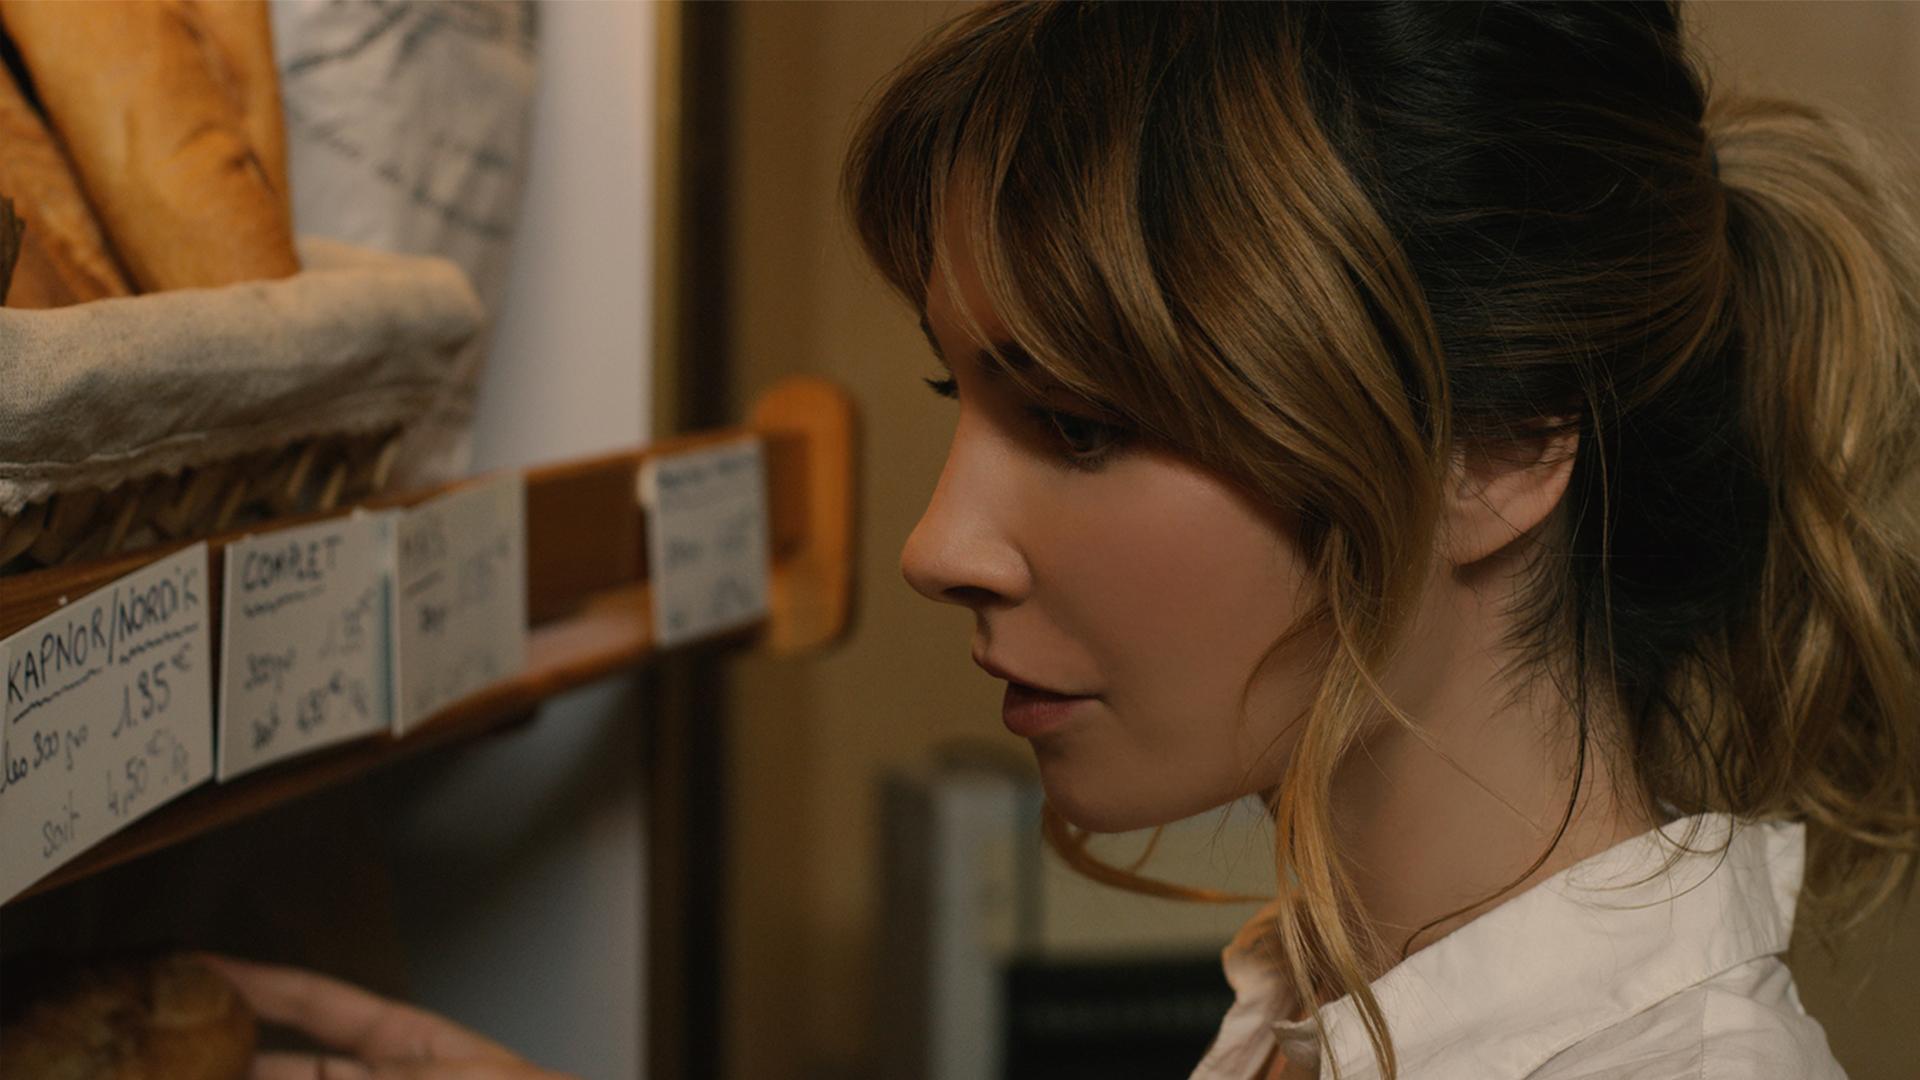 Claudia in Bakery.jpg